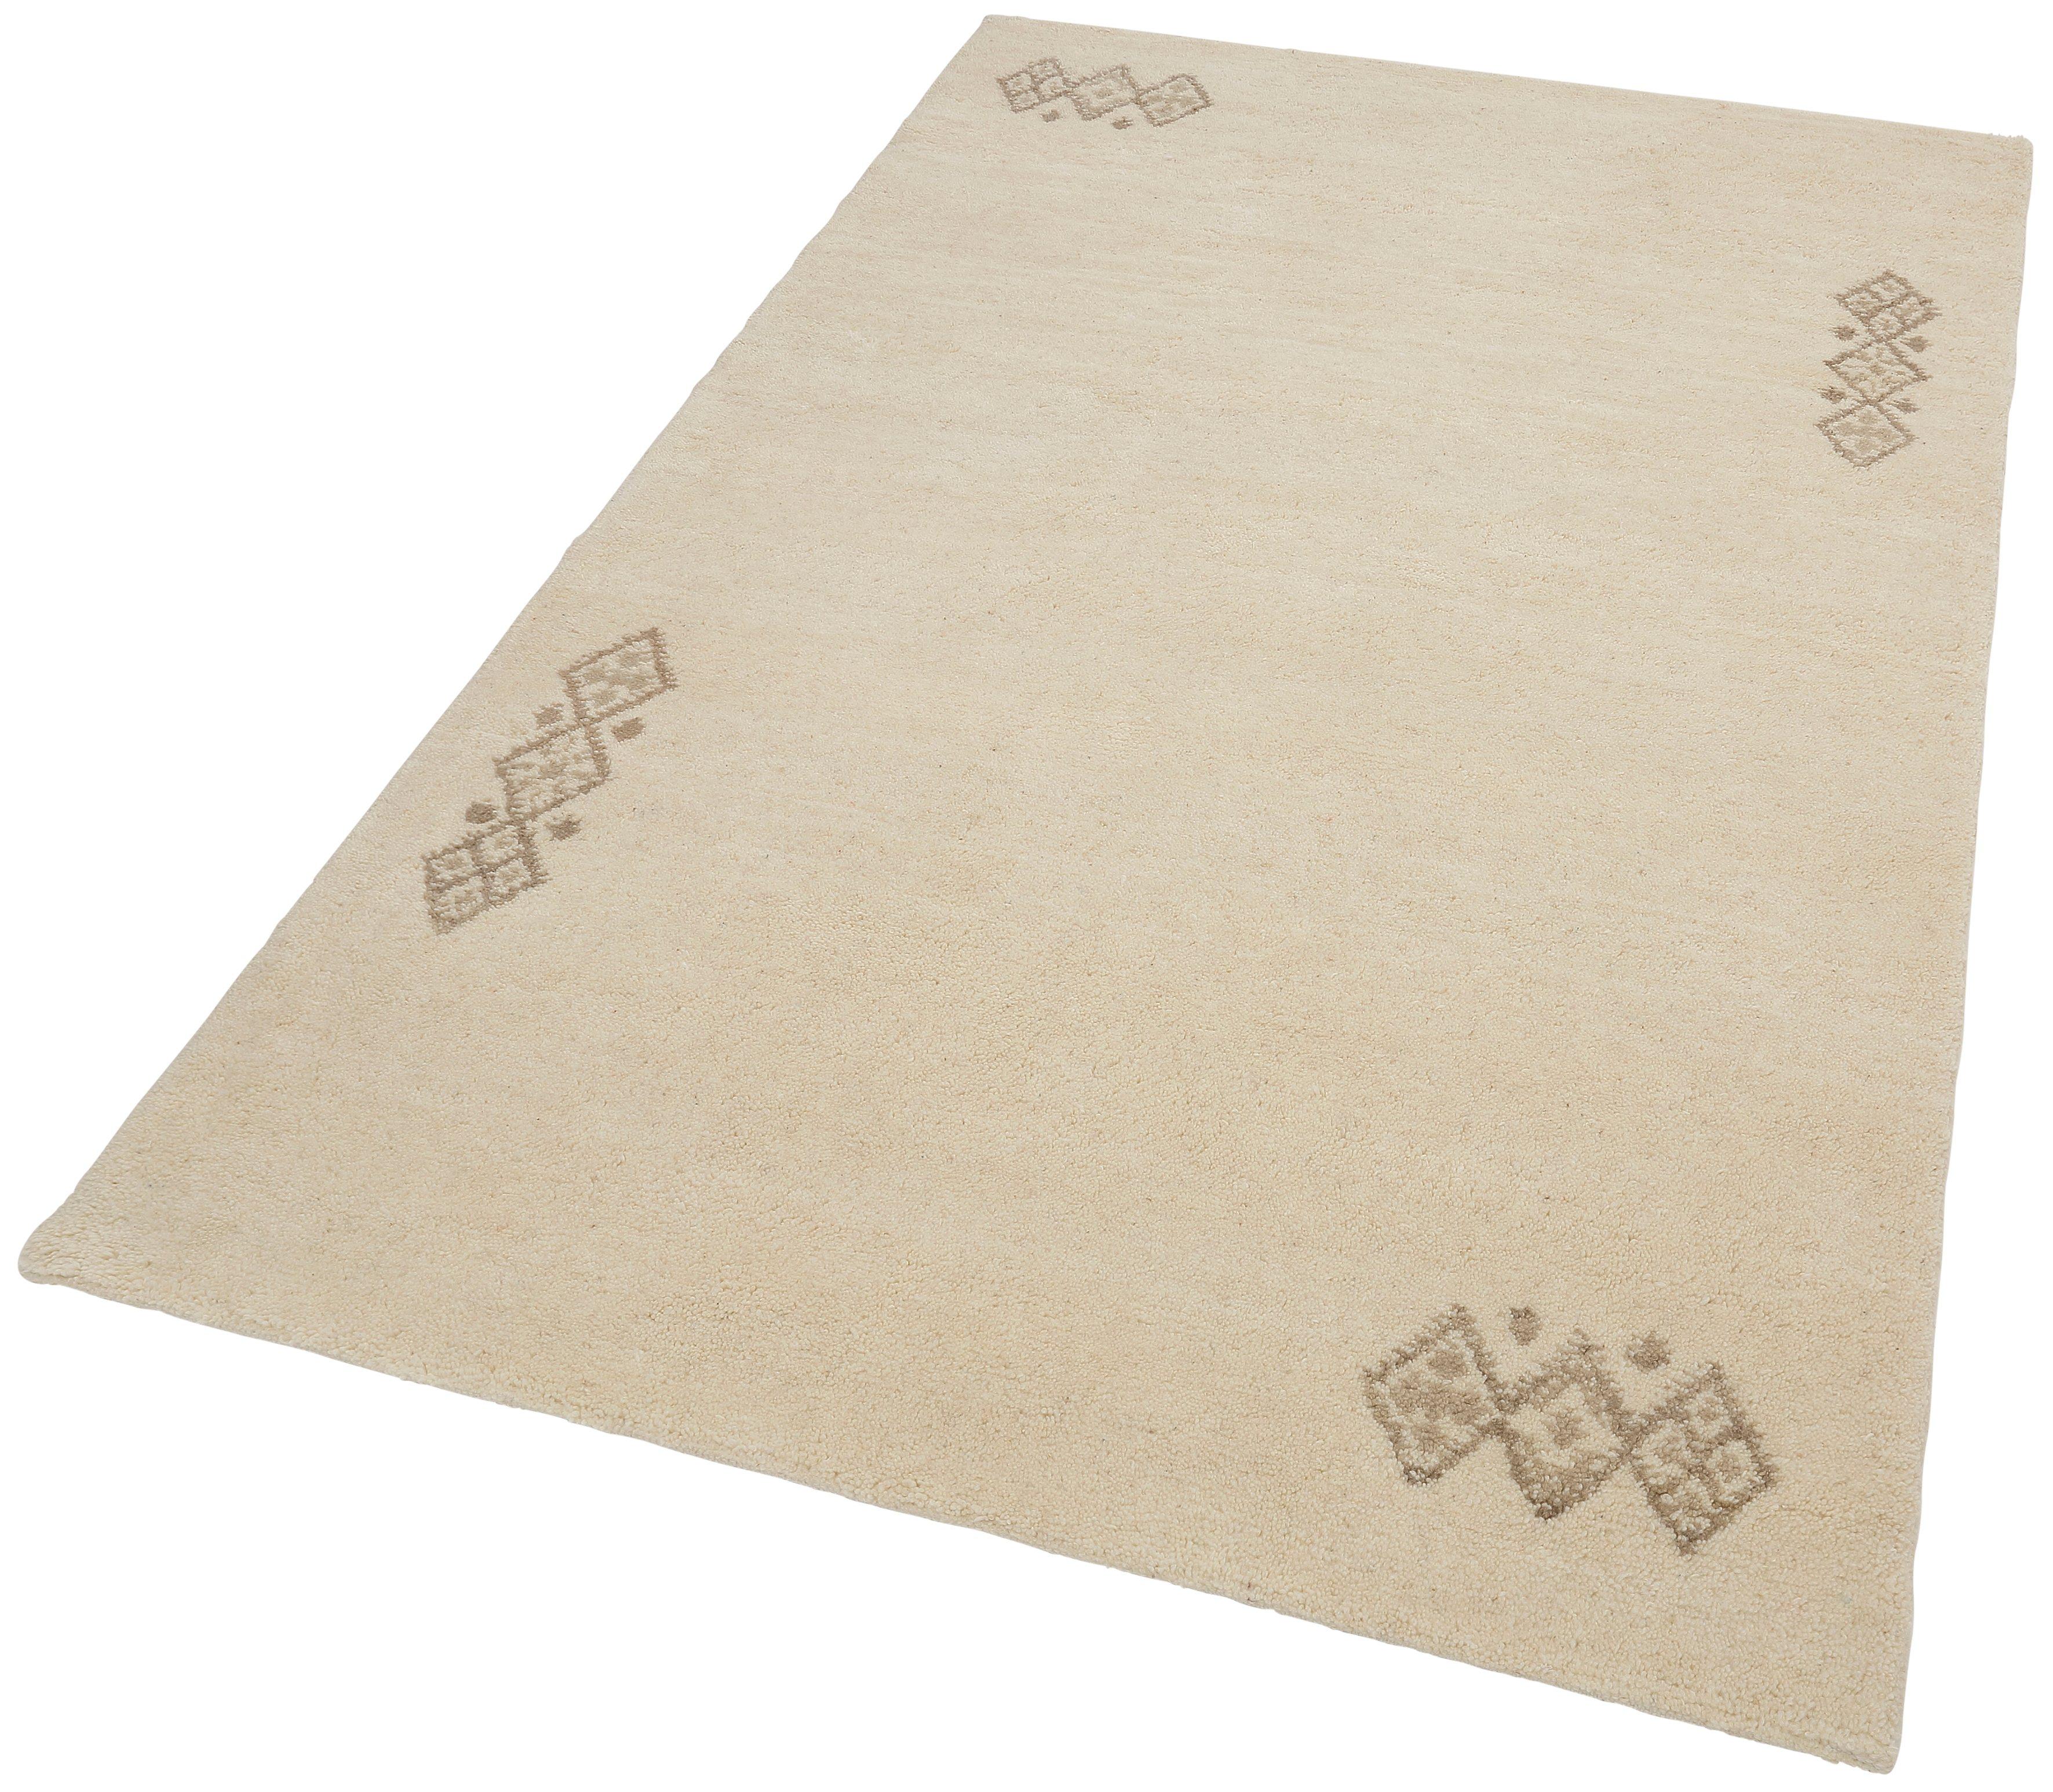 Orientteppich »Royal Dou 2«, THEKO, rechteckig, Höhe 22 mm, Naturbelassene Wolle, von Hand geknüpft | Heimtextilien > Teppiche > Orientteppiche | Wolle | THEKO